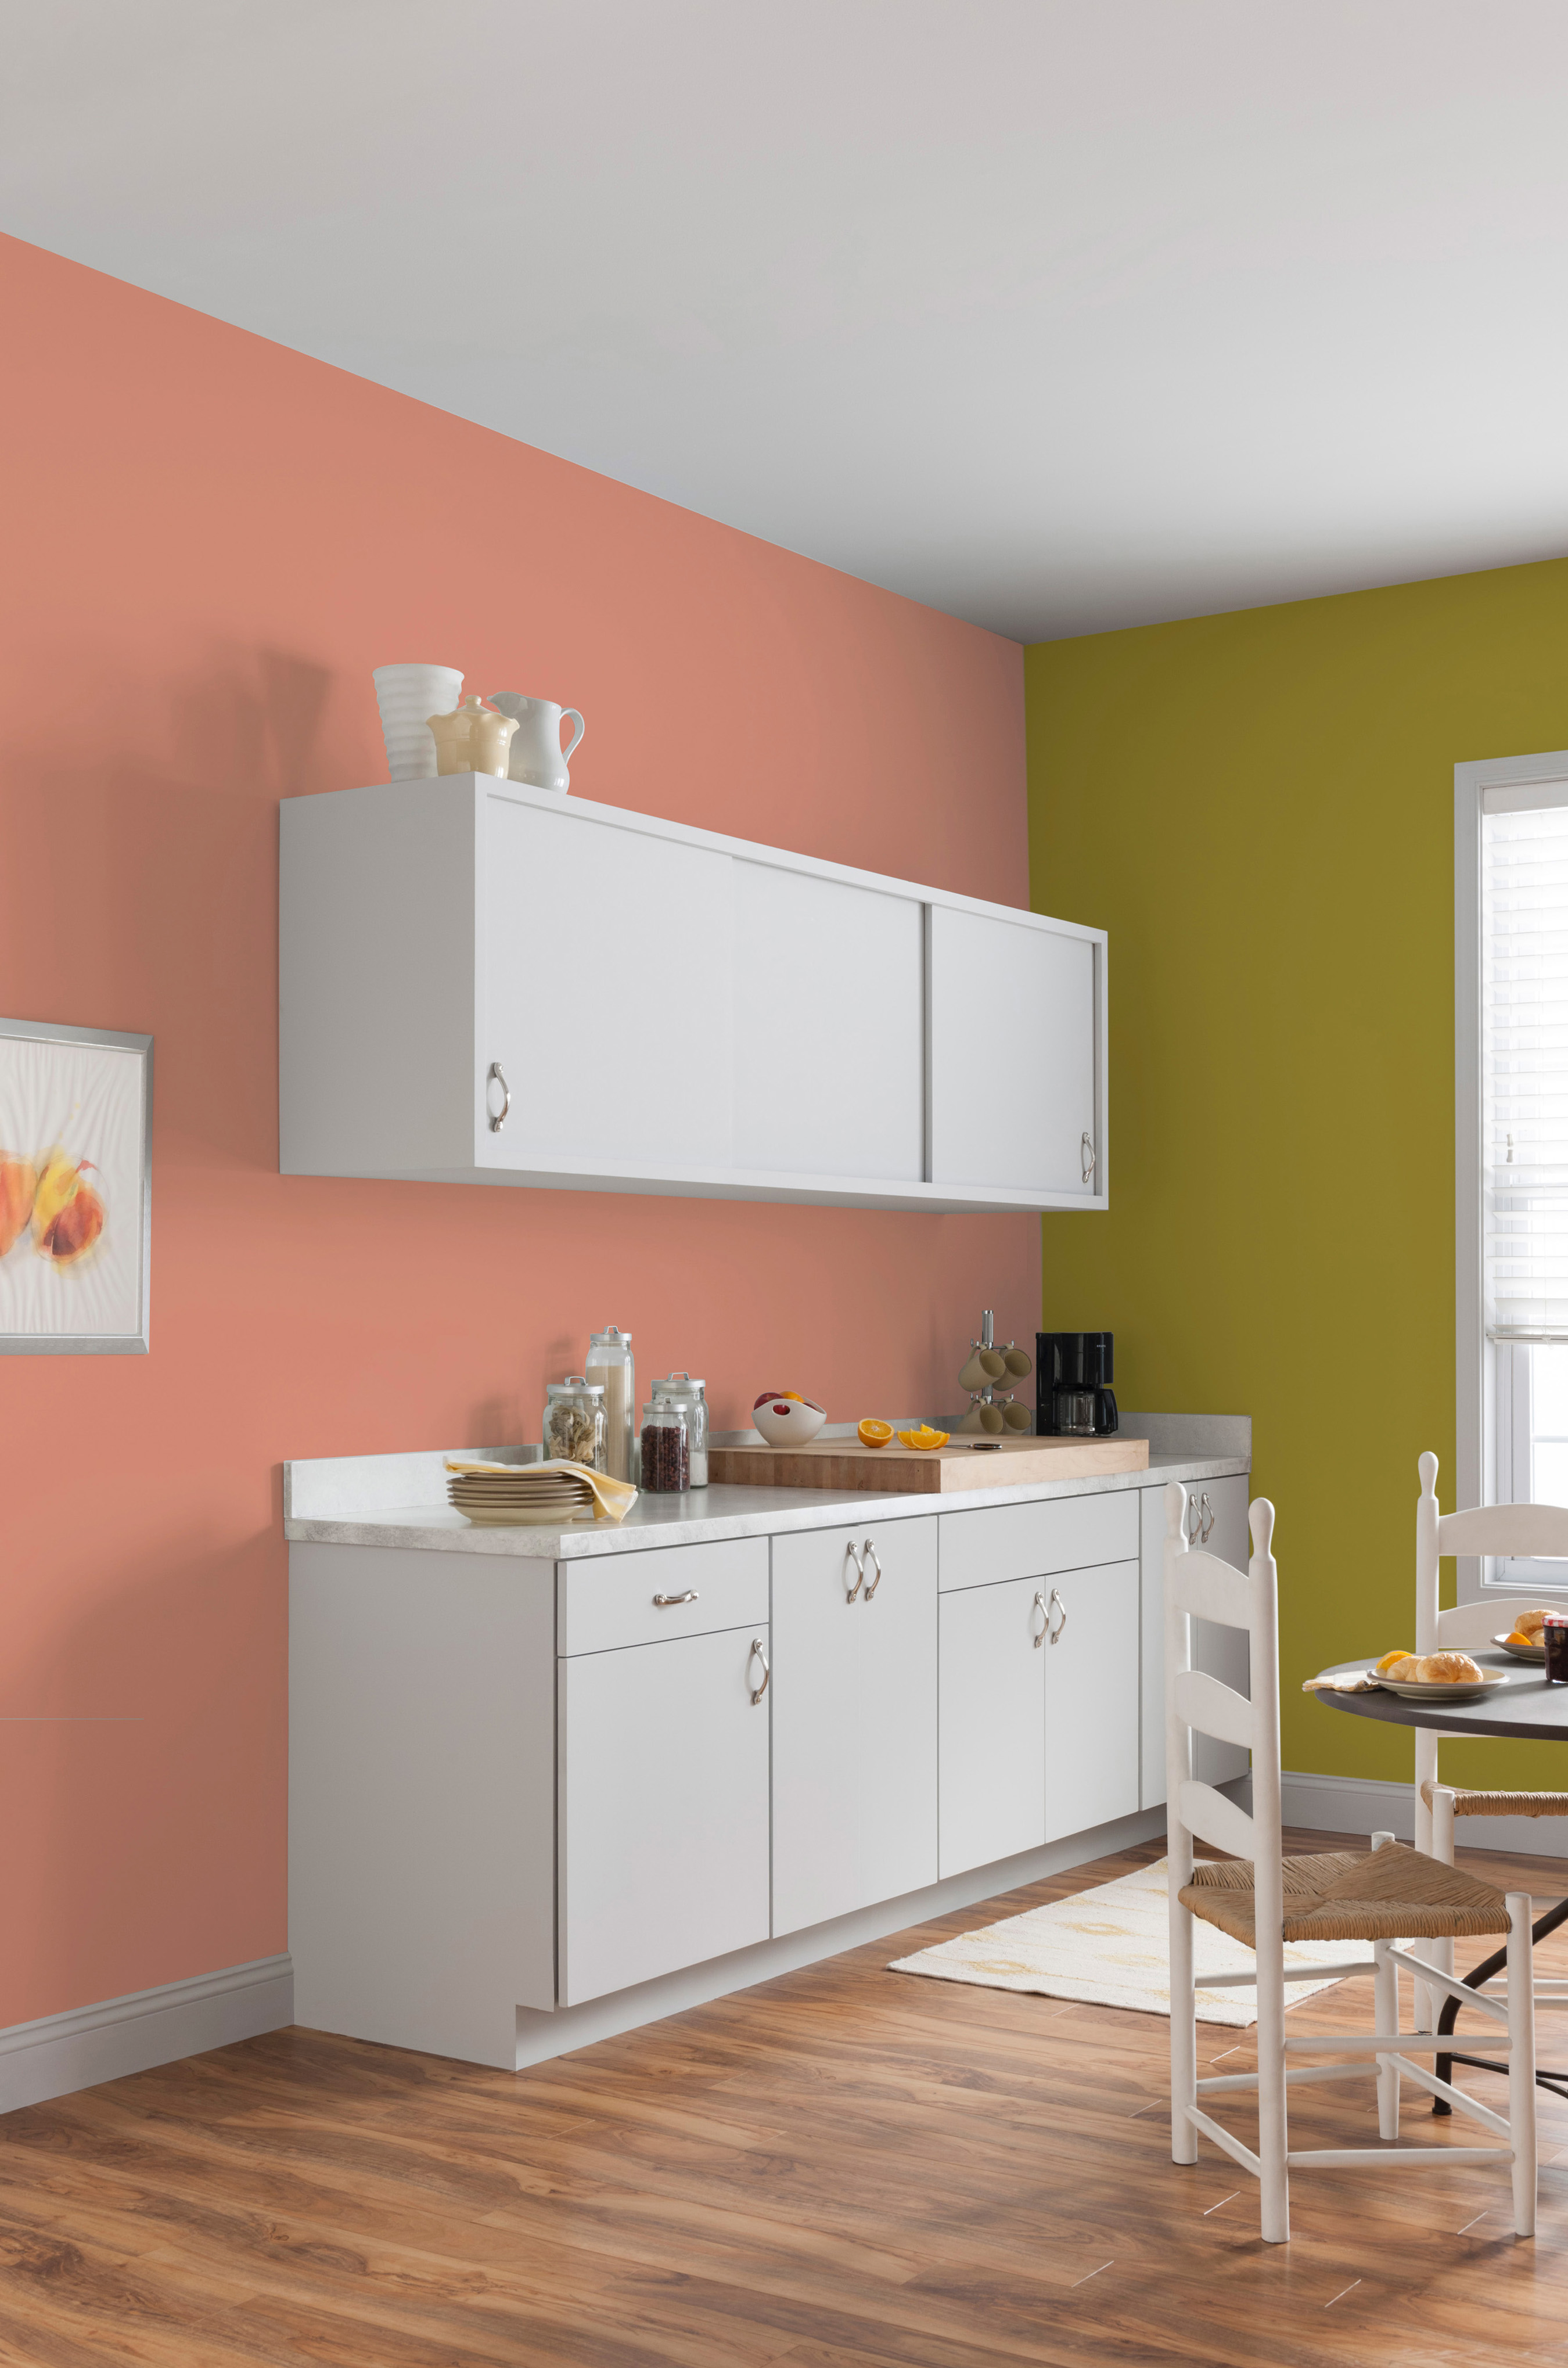 com interior popular colors colour alternatux colorful paint peach